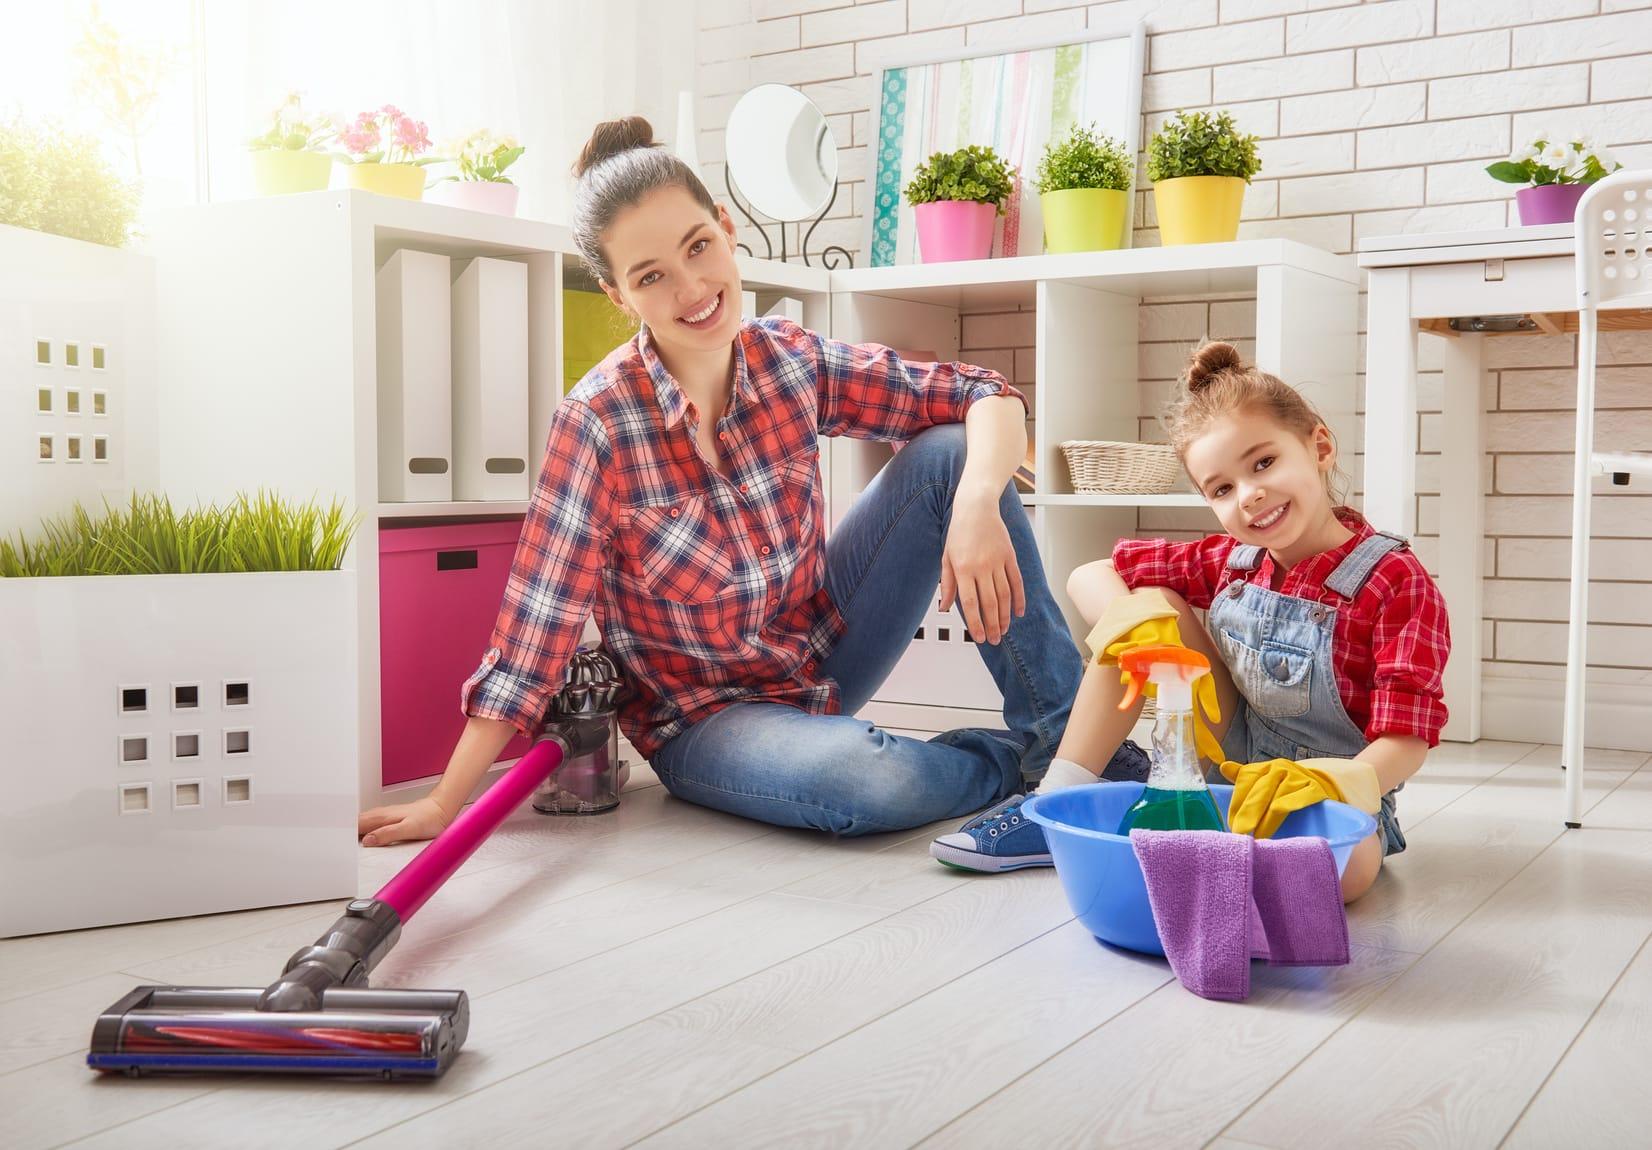 Kinder zu mehr Hausarbeit motivieren  Haushaltstippsnet